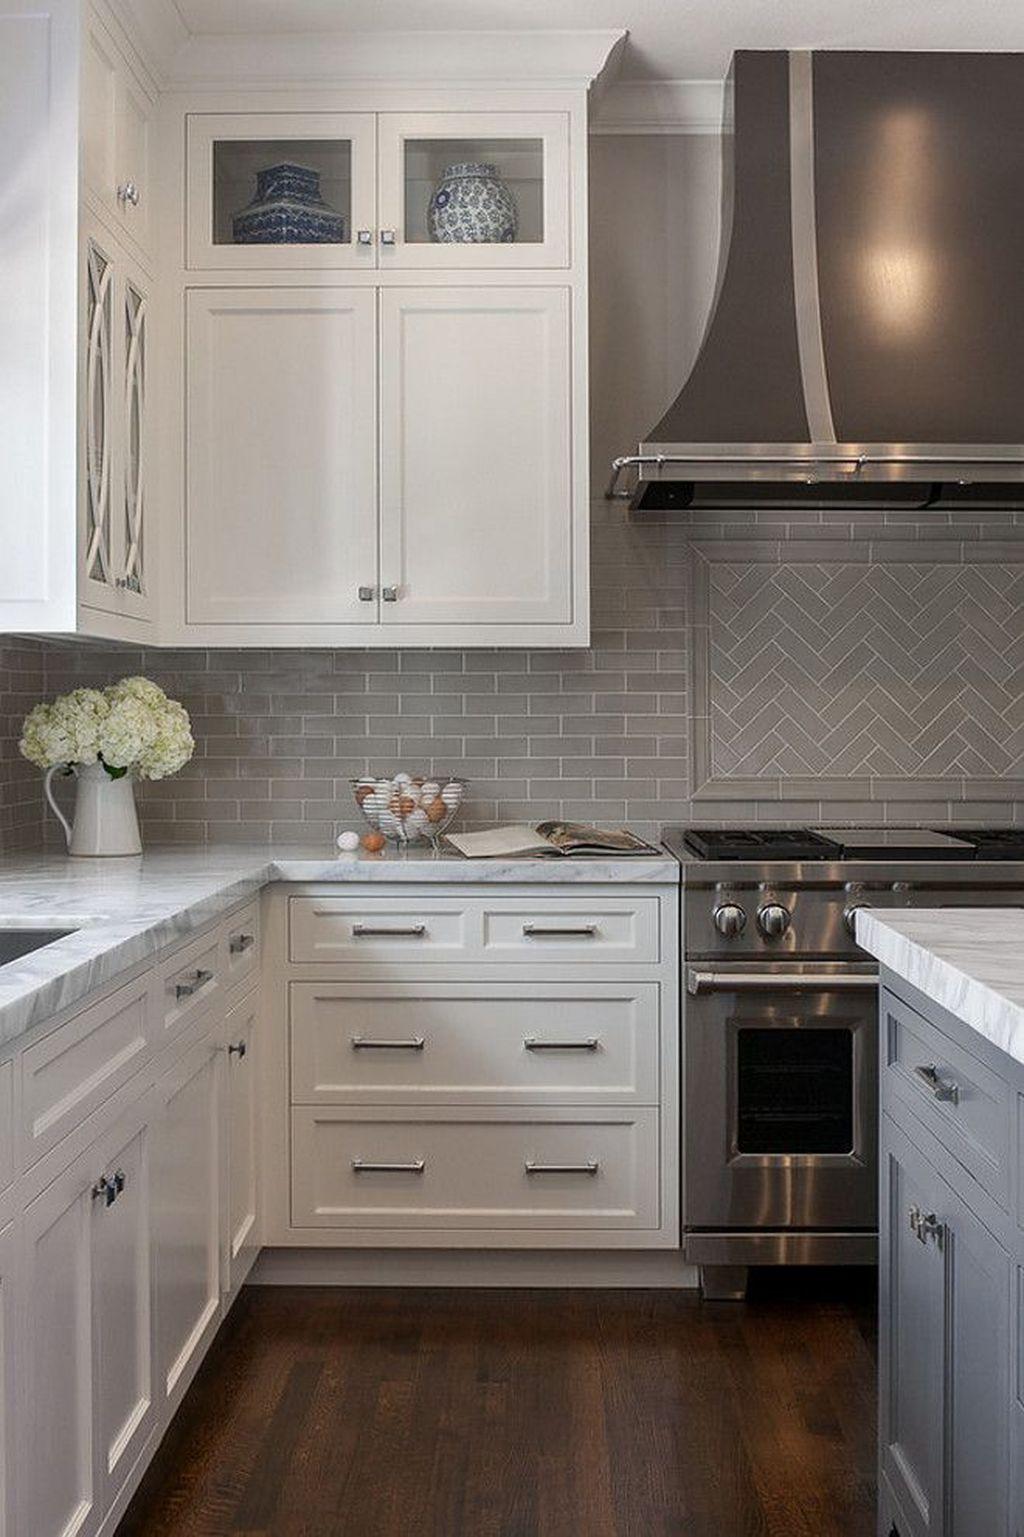 Awesome Creative Kitchen Backsplash Ideas 18